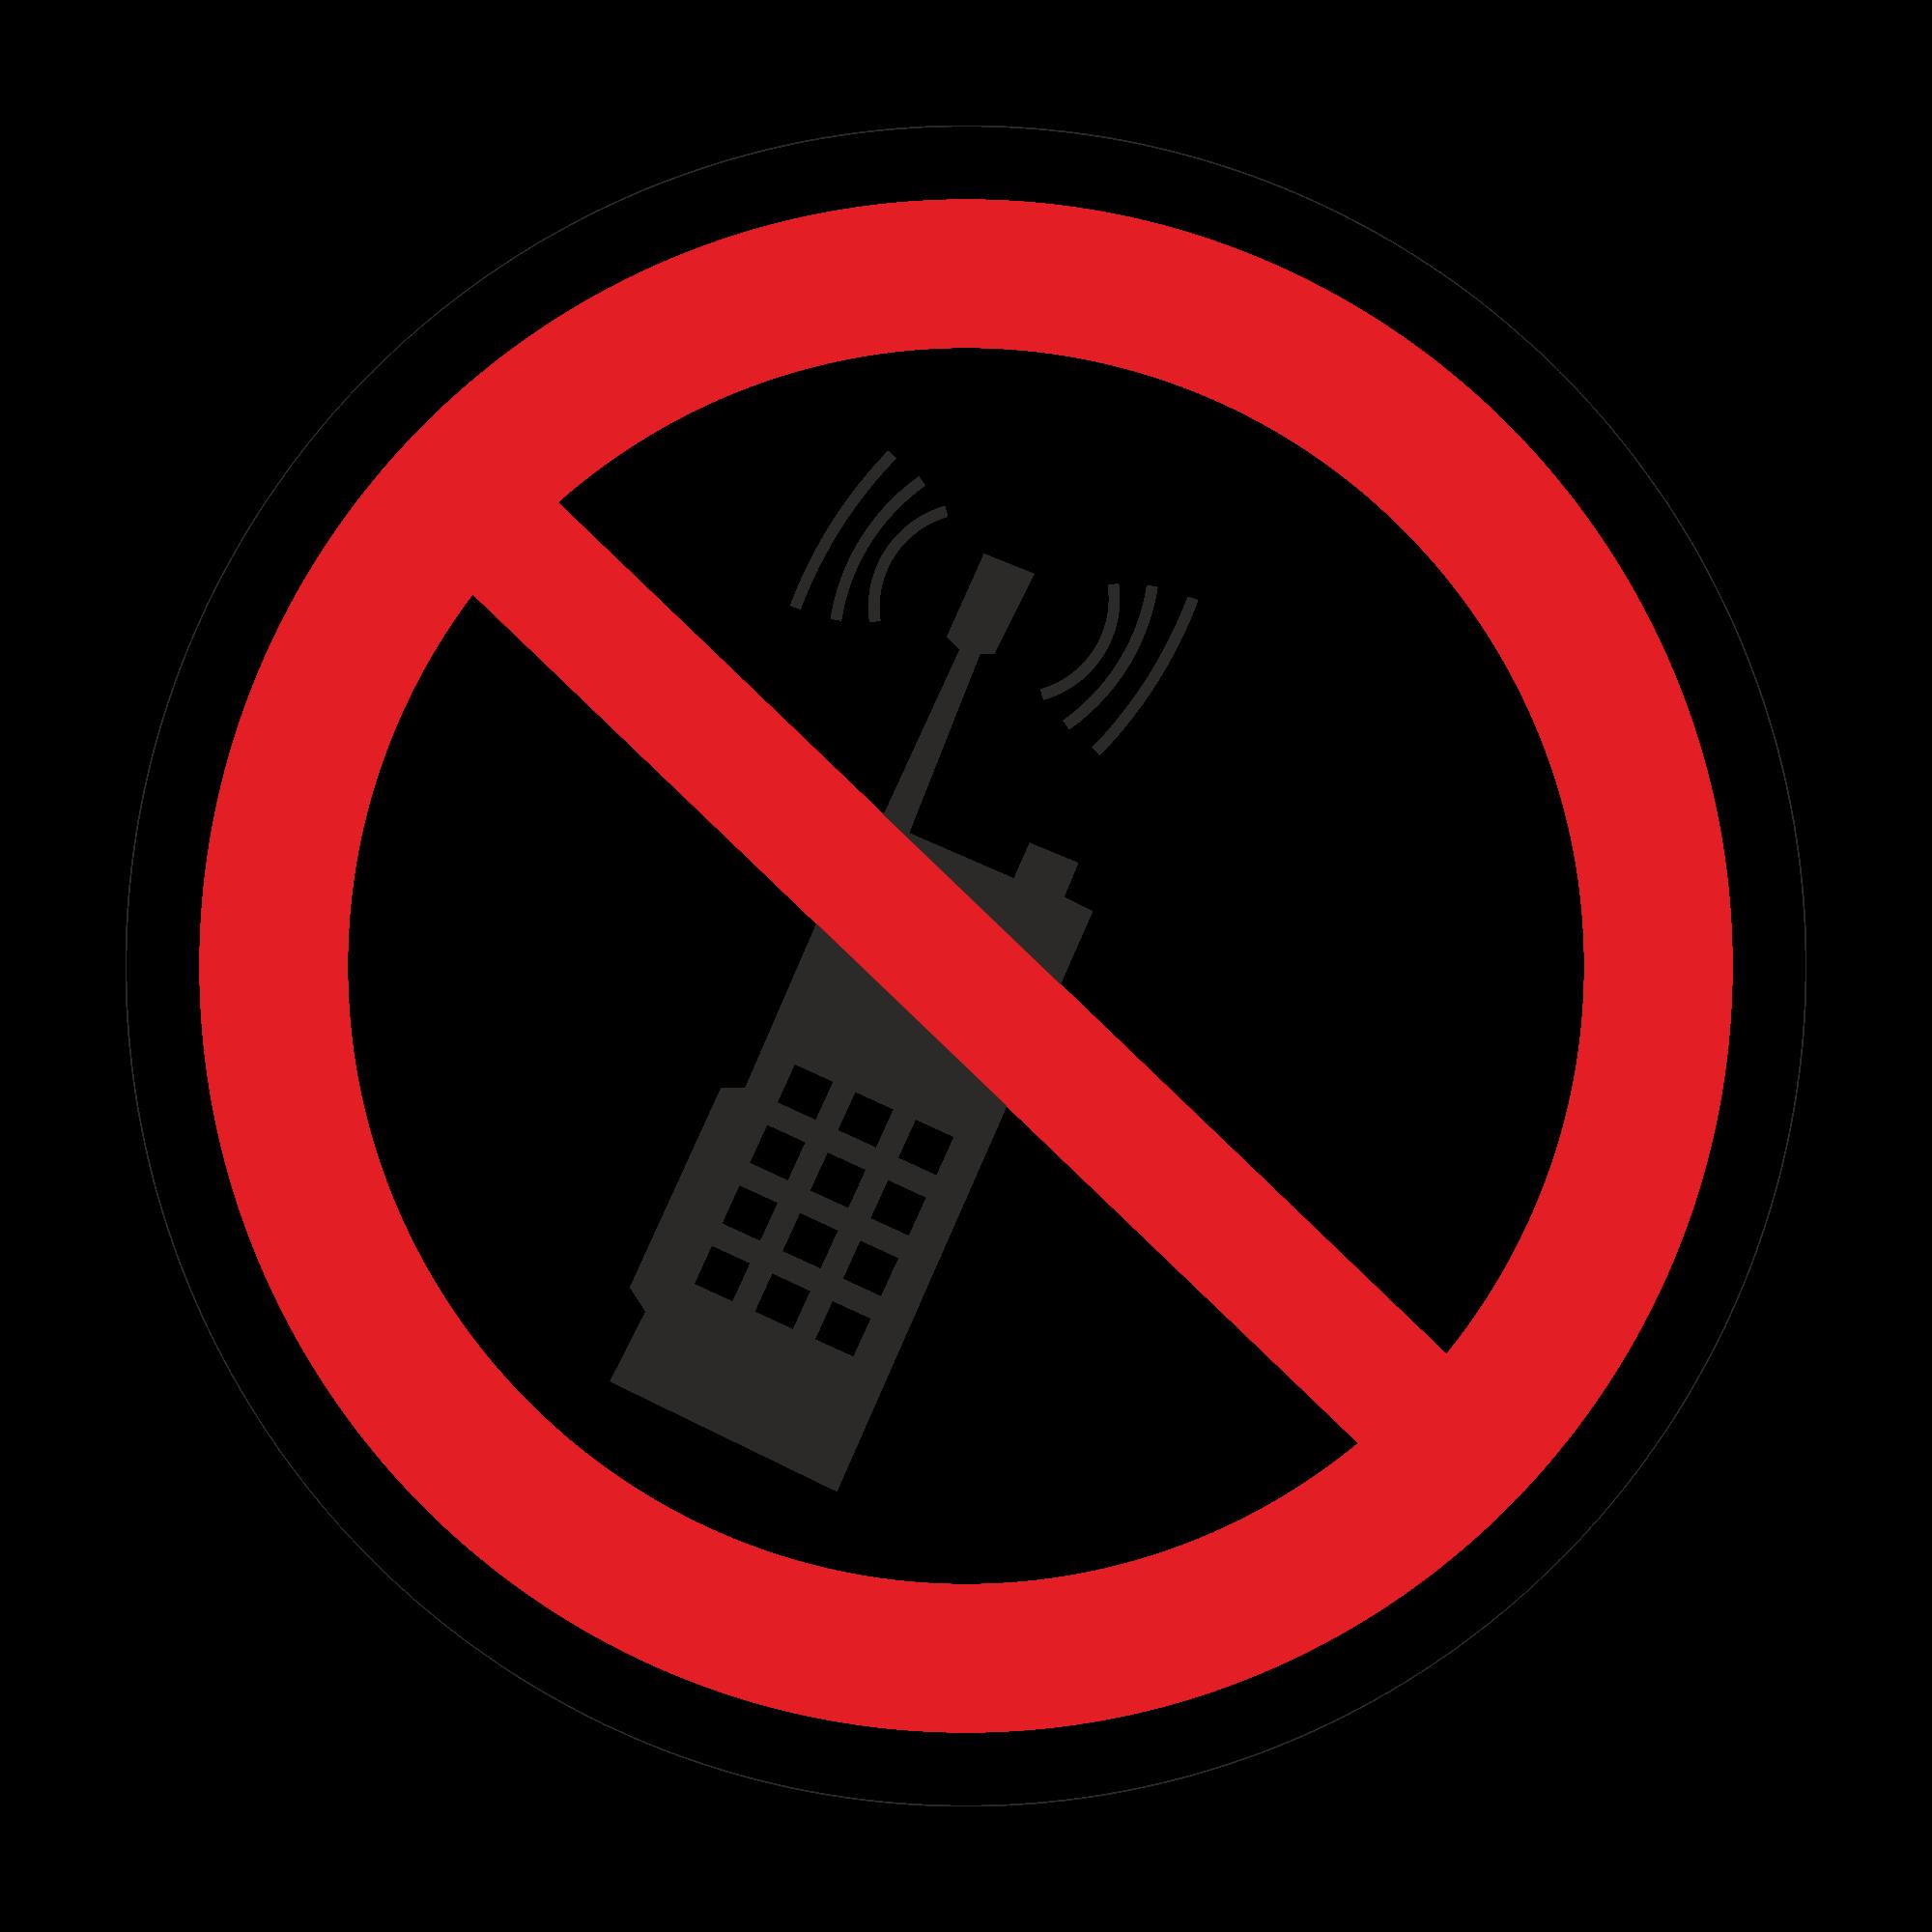 Р18 Запрещается пользоваться мобильным телефоном или переносной рацией